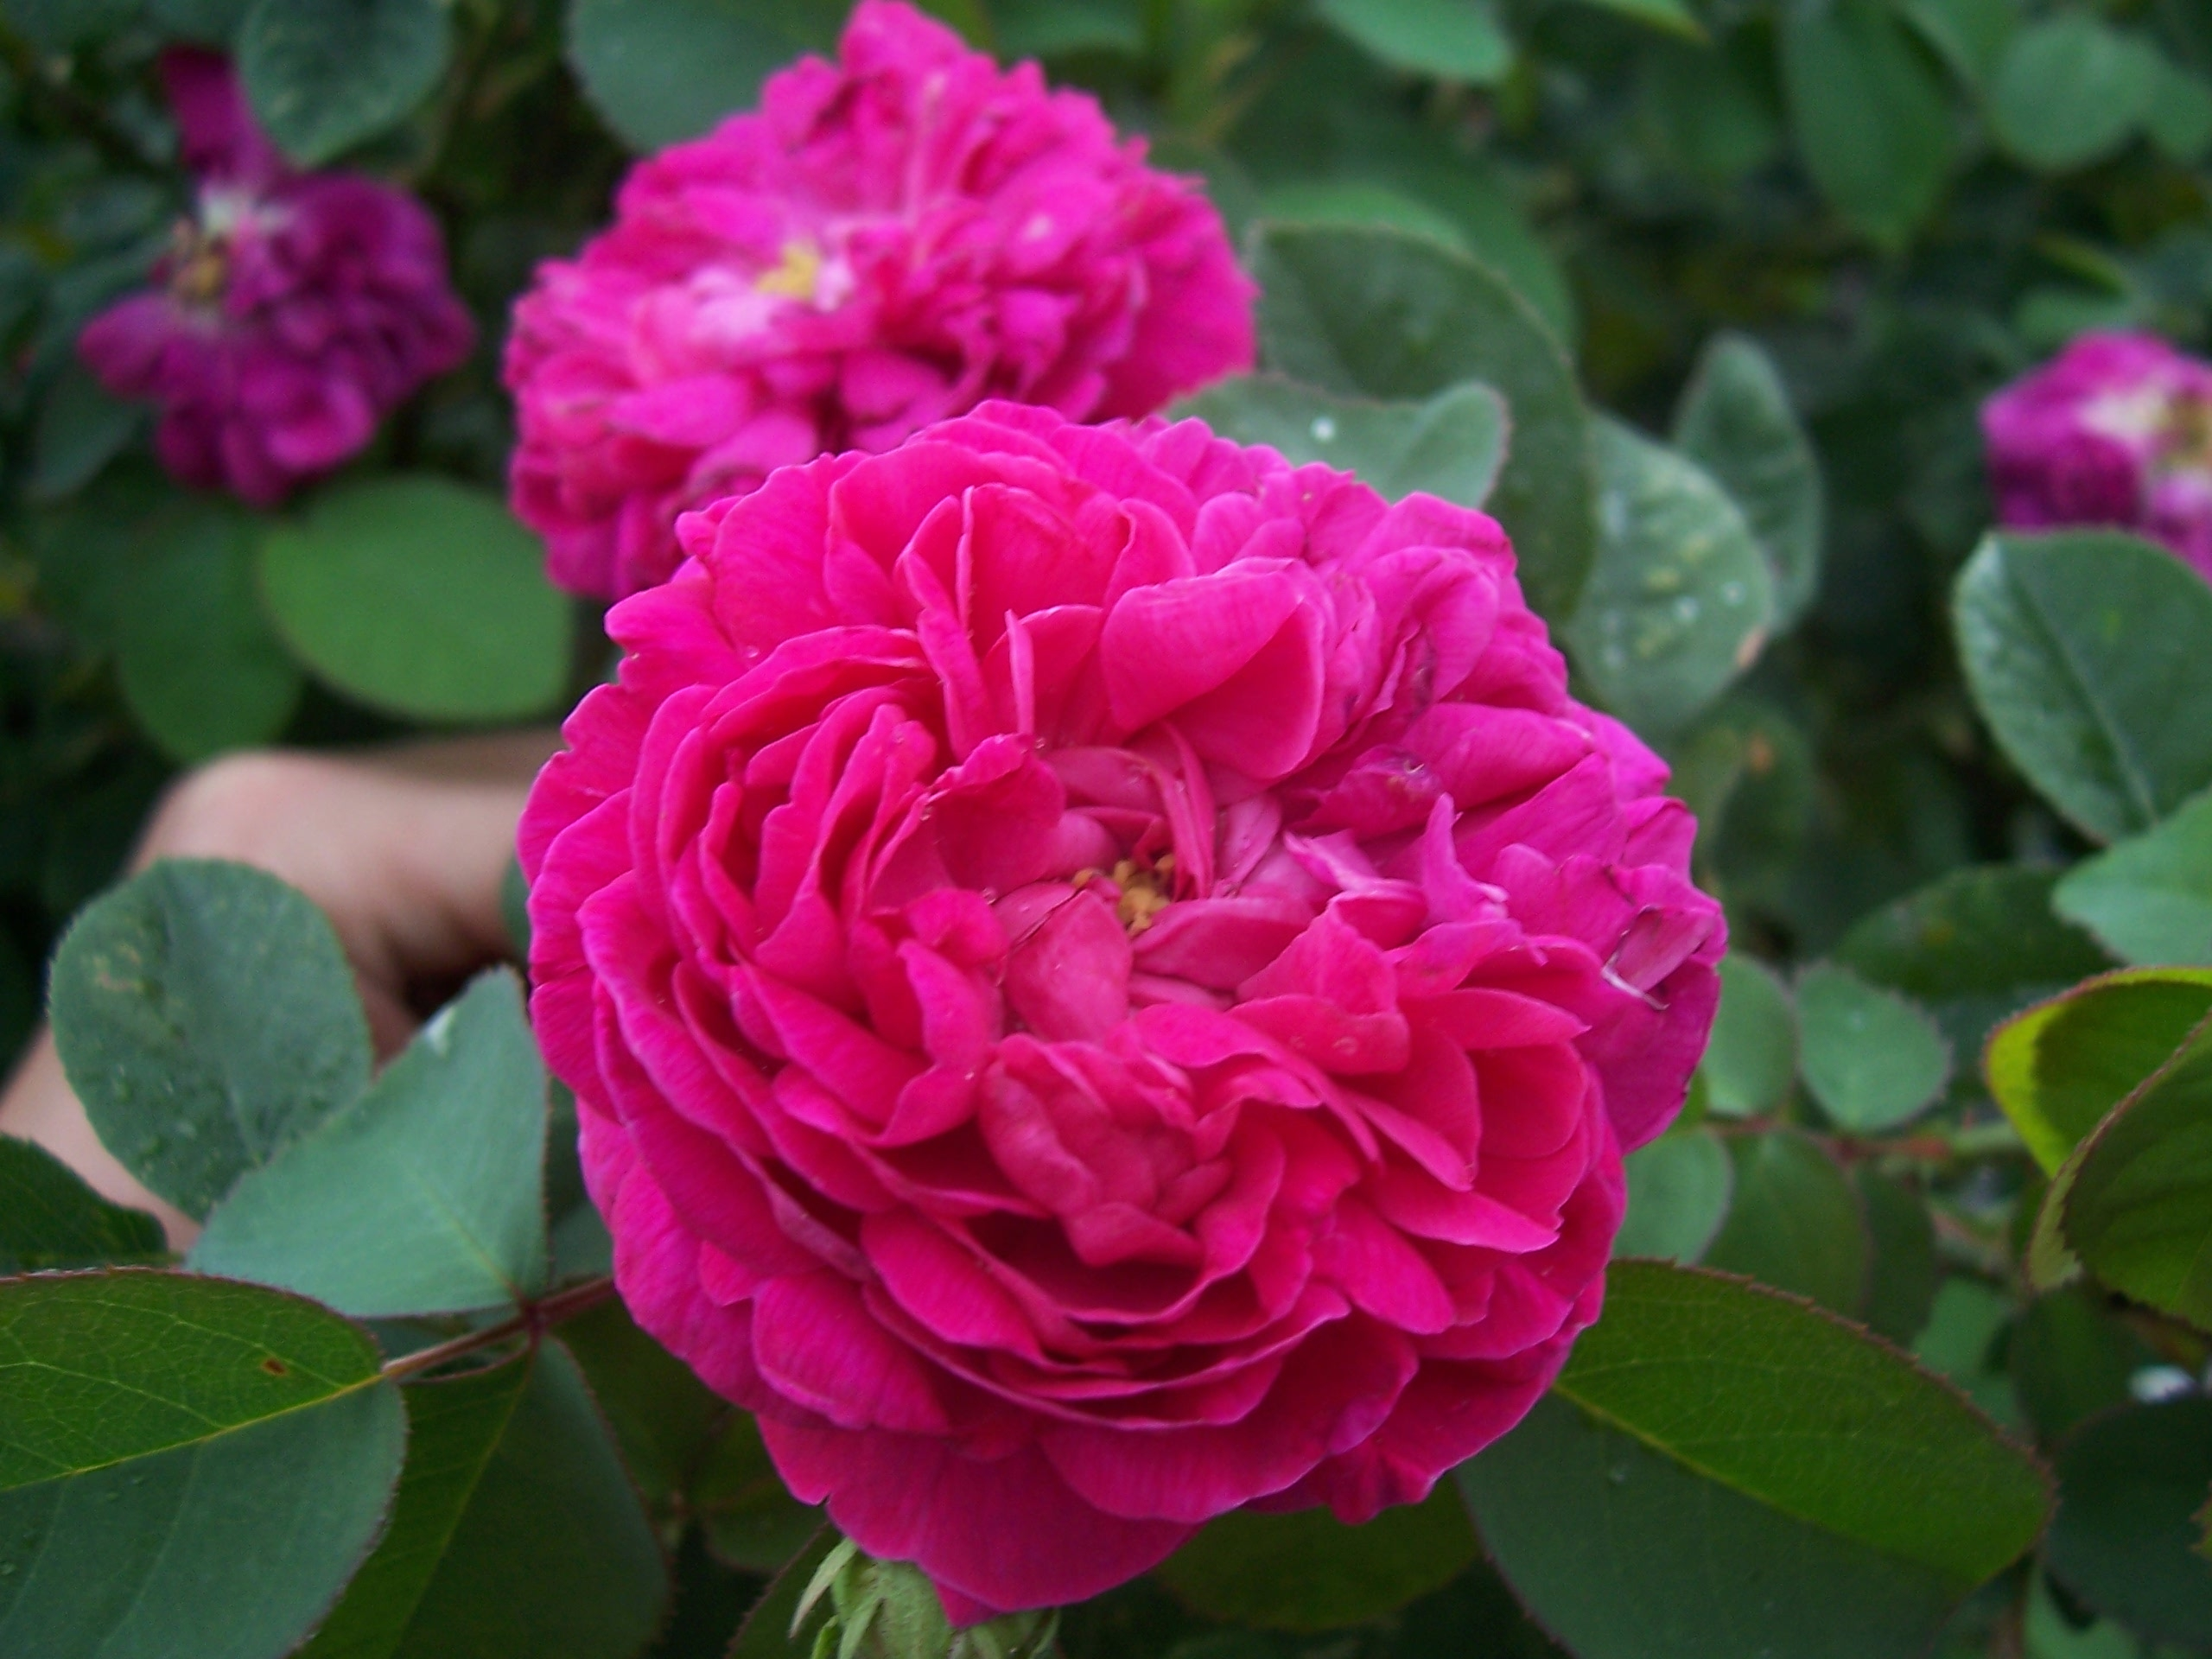 Ravishing Rose - Smile Herb